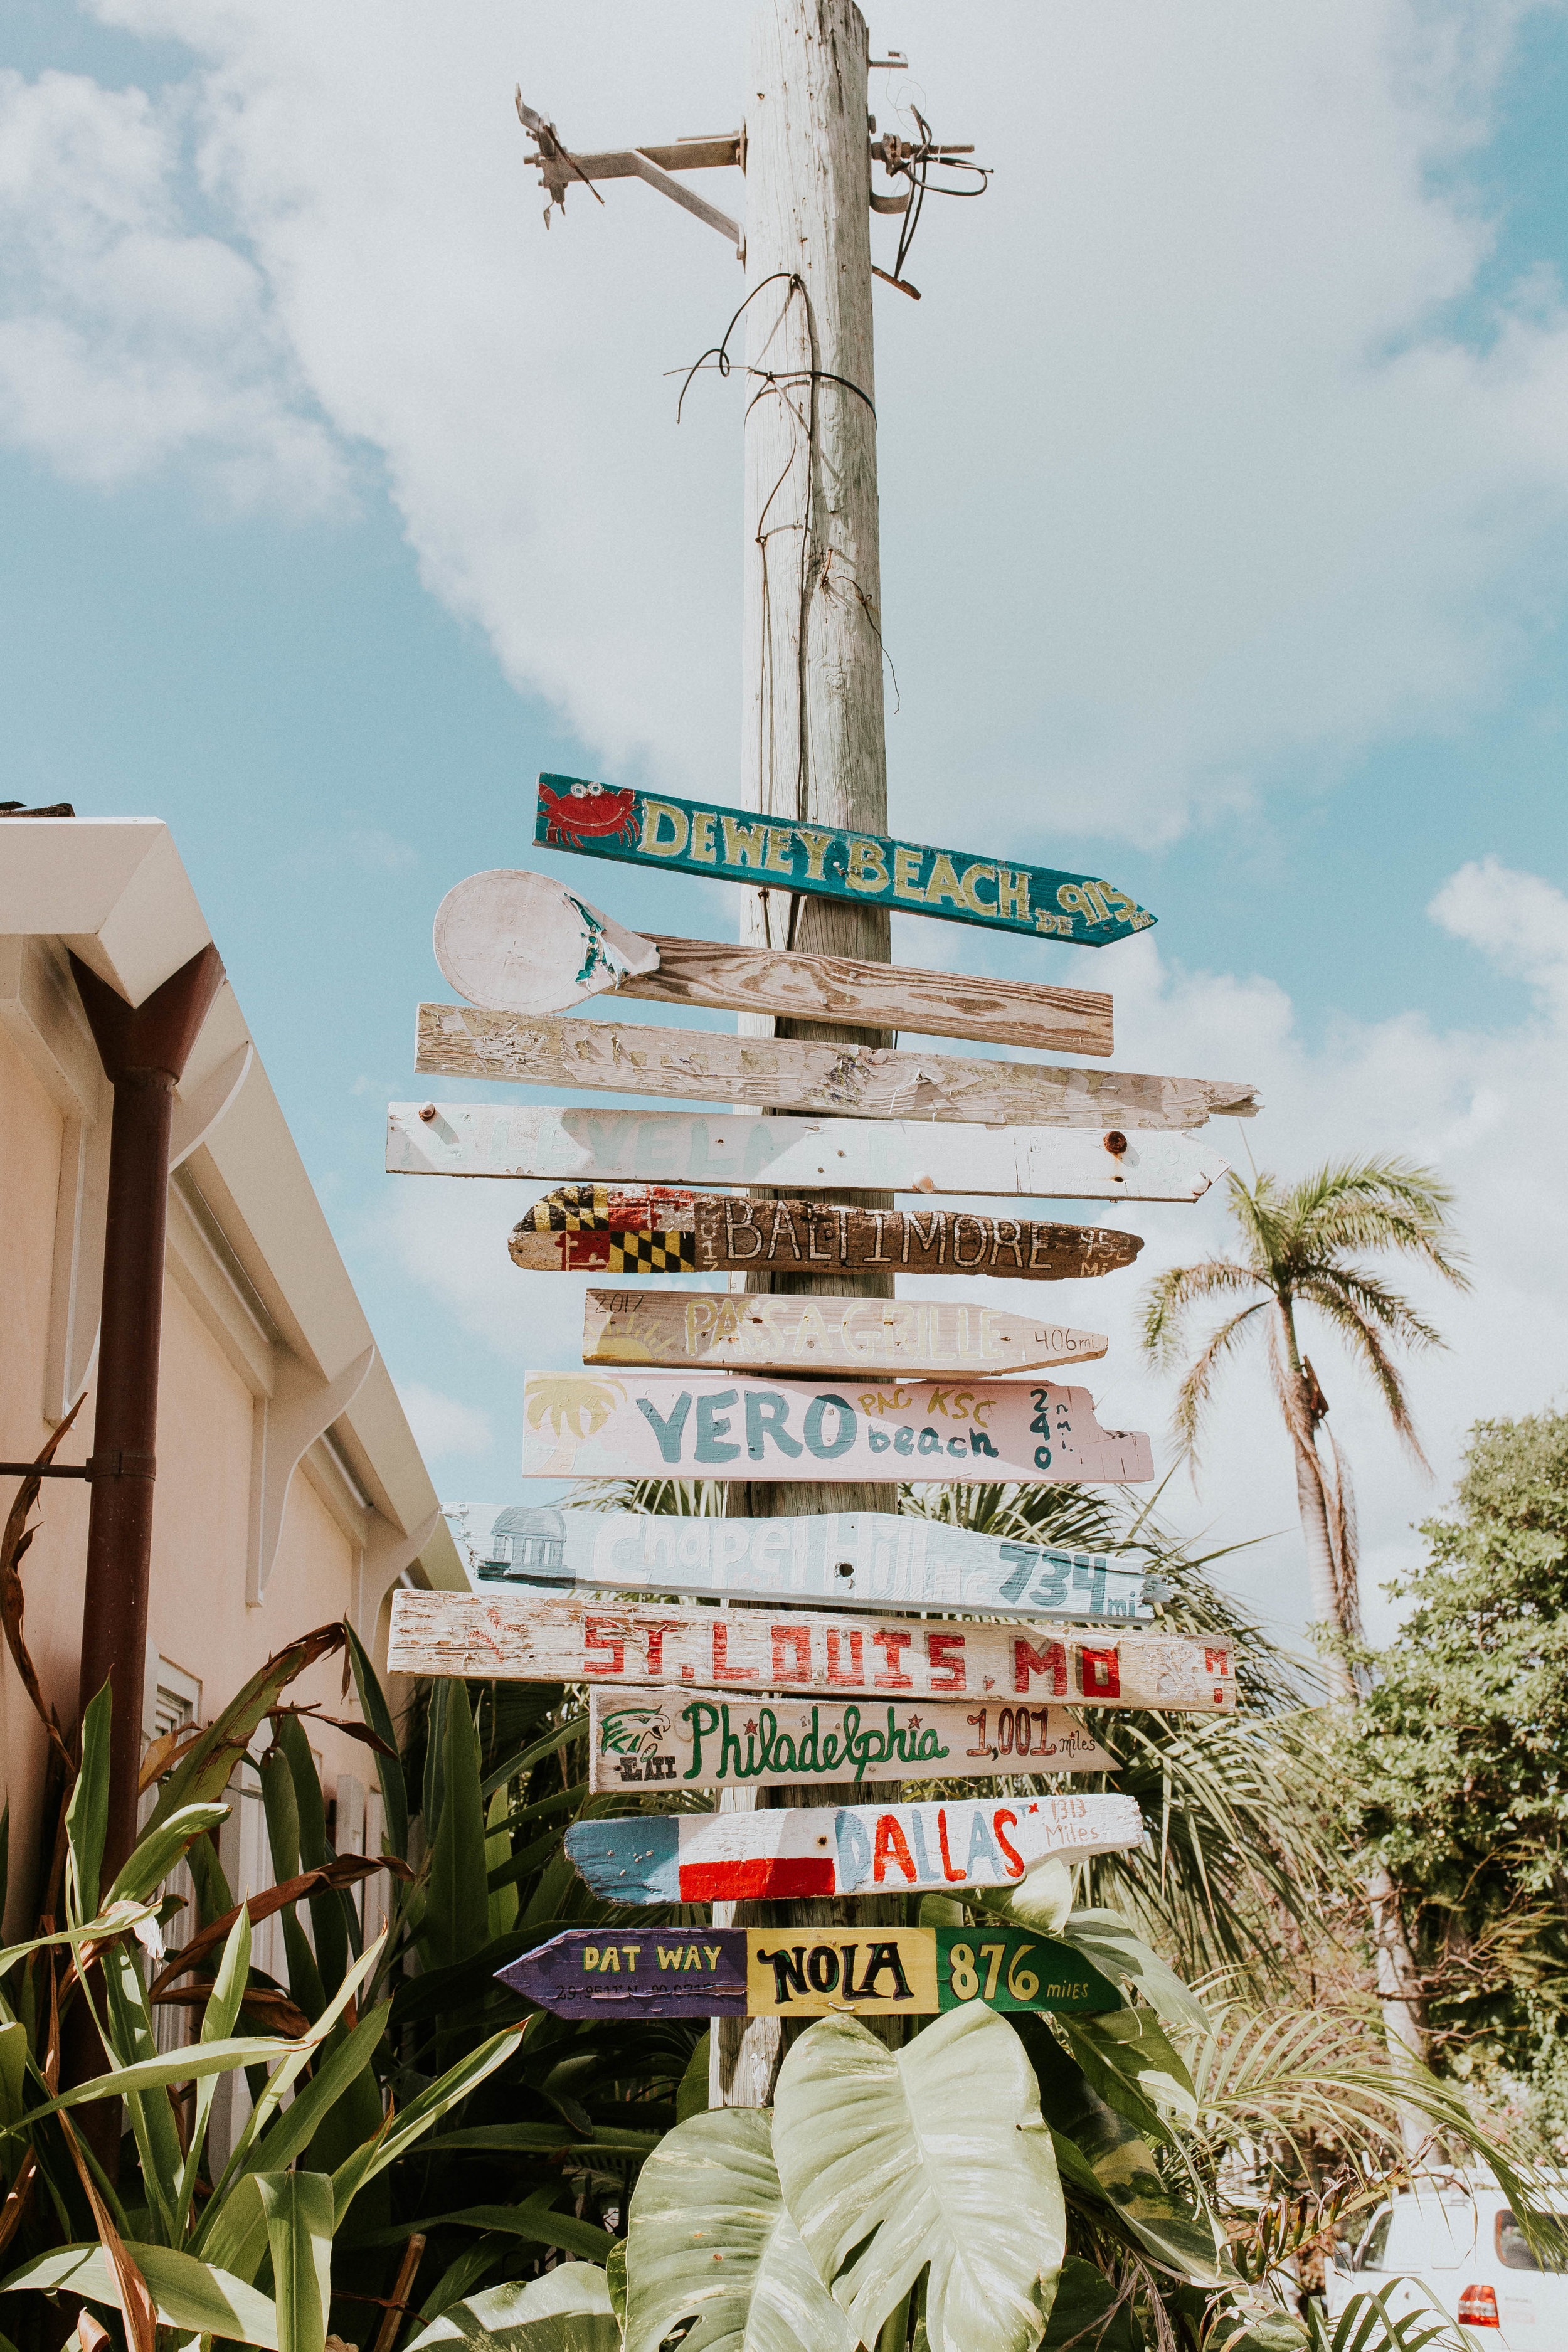 bahamasharbourisland1.jpg